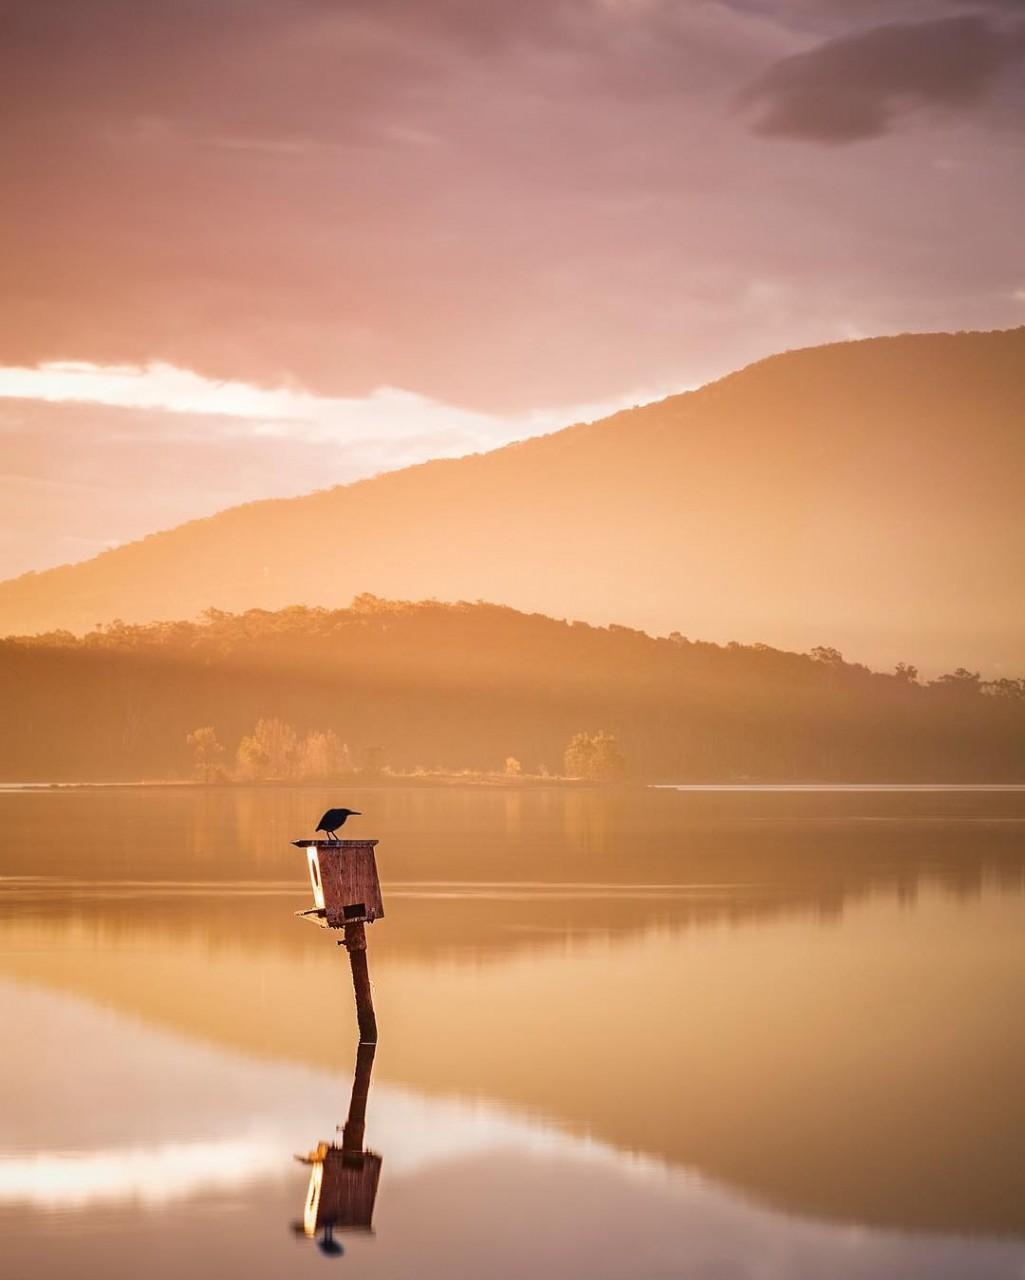 Красивые пейзажные фотографии Джеймса Блейкени